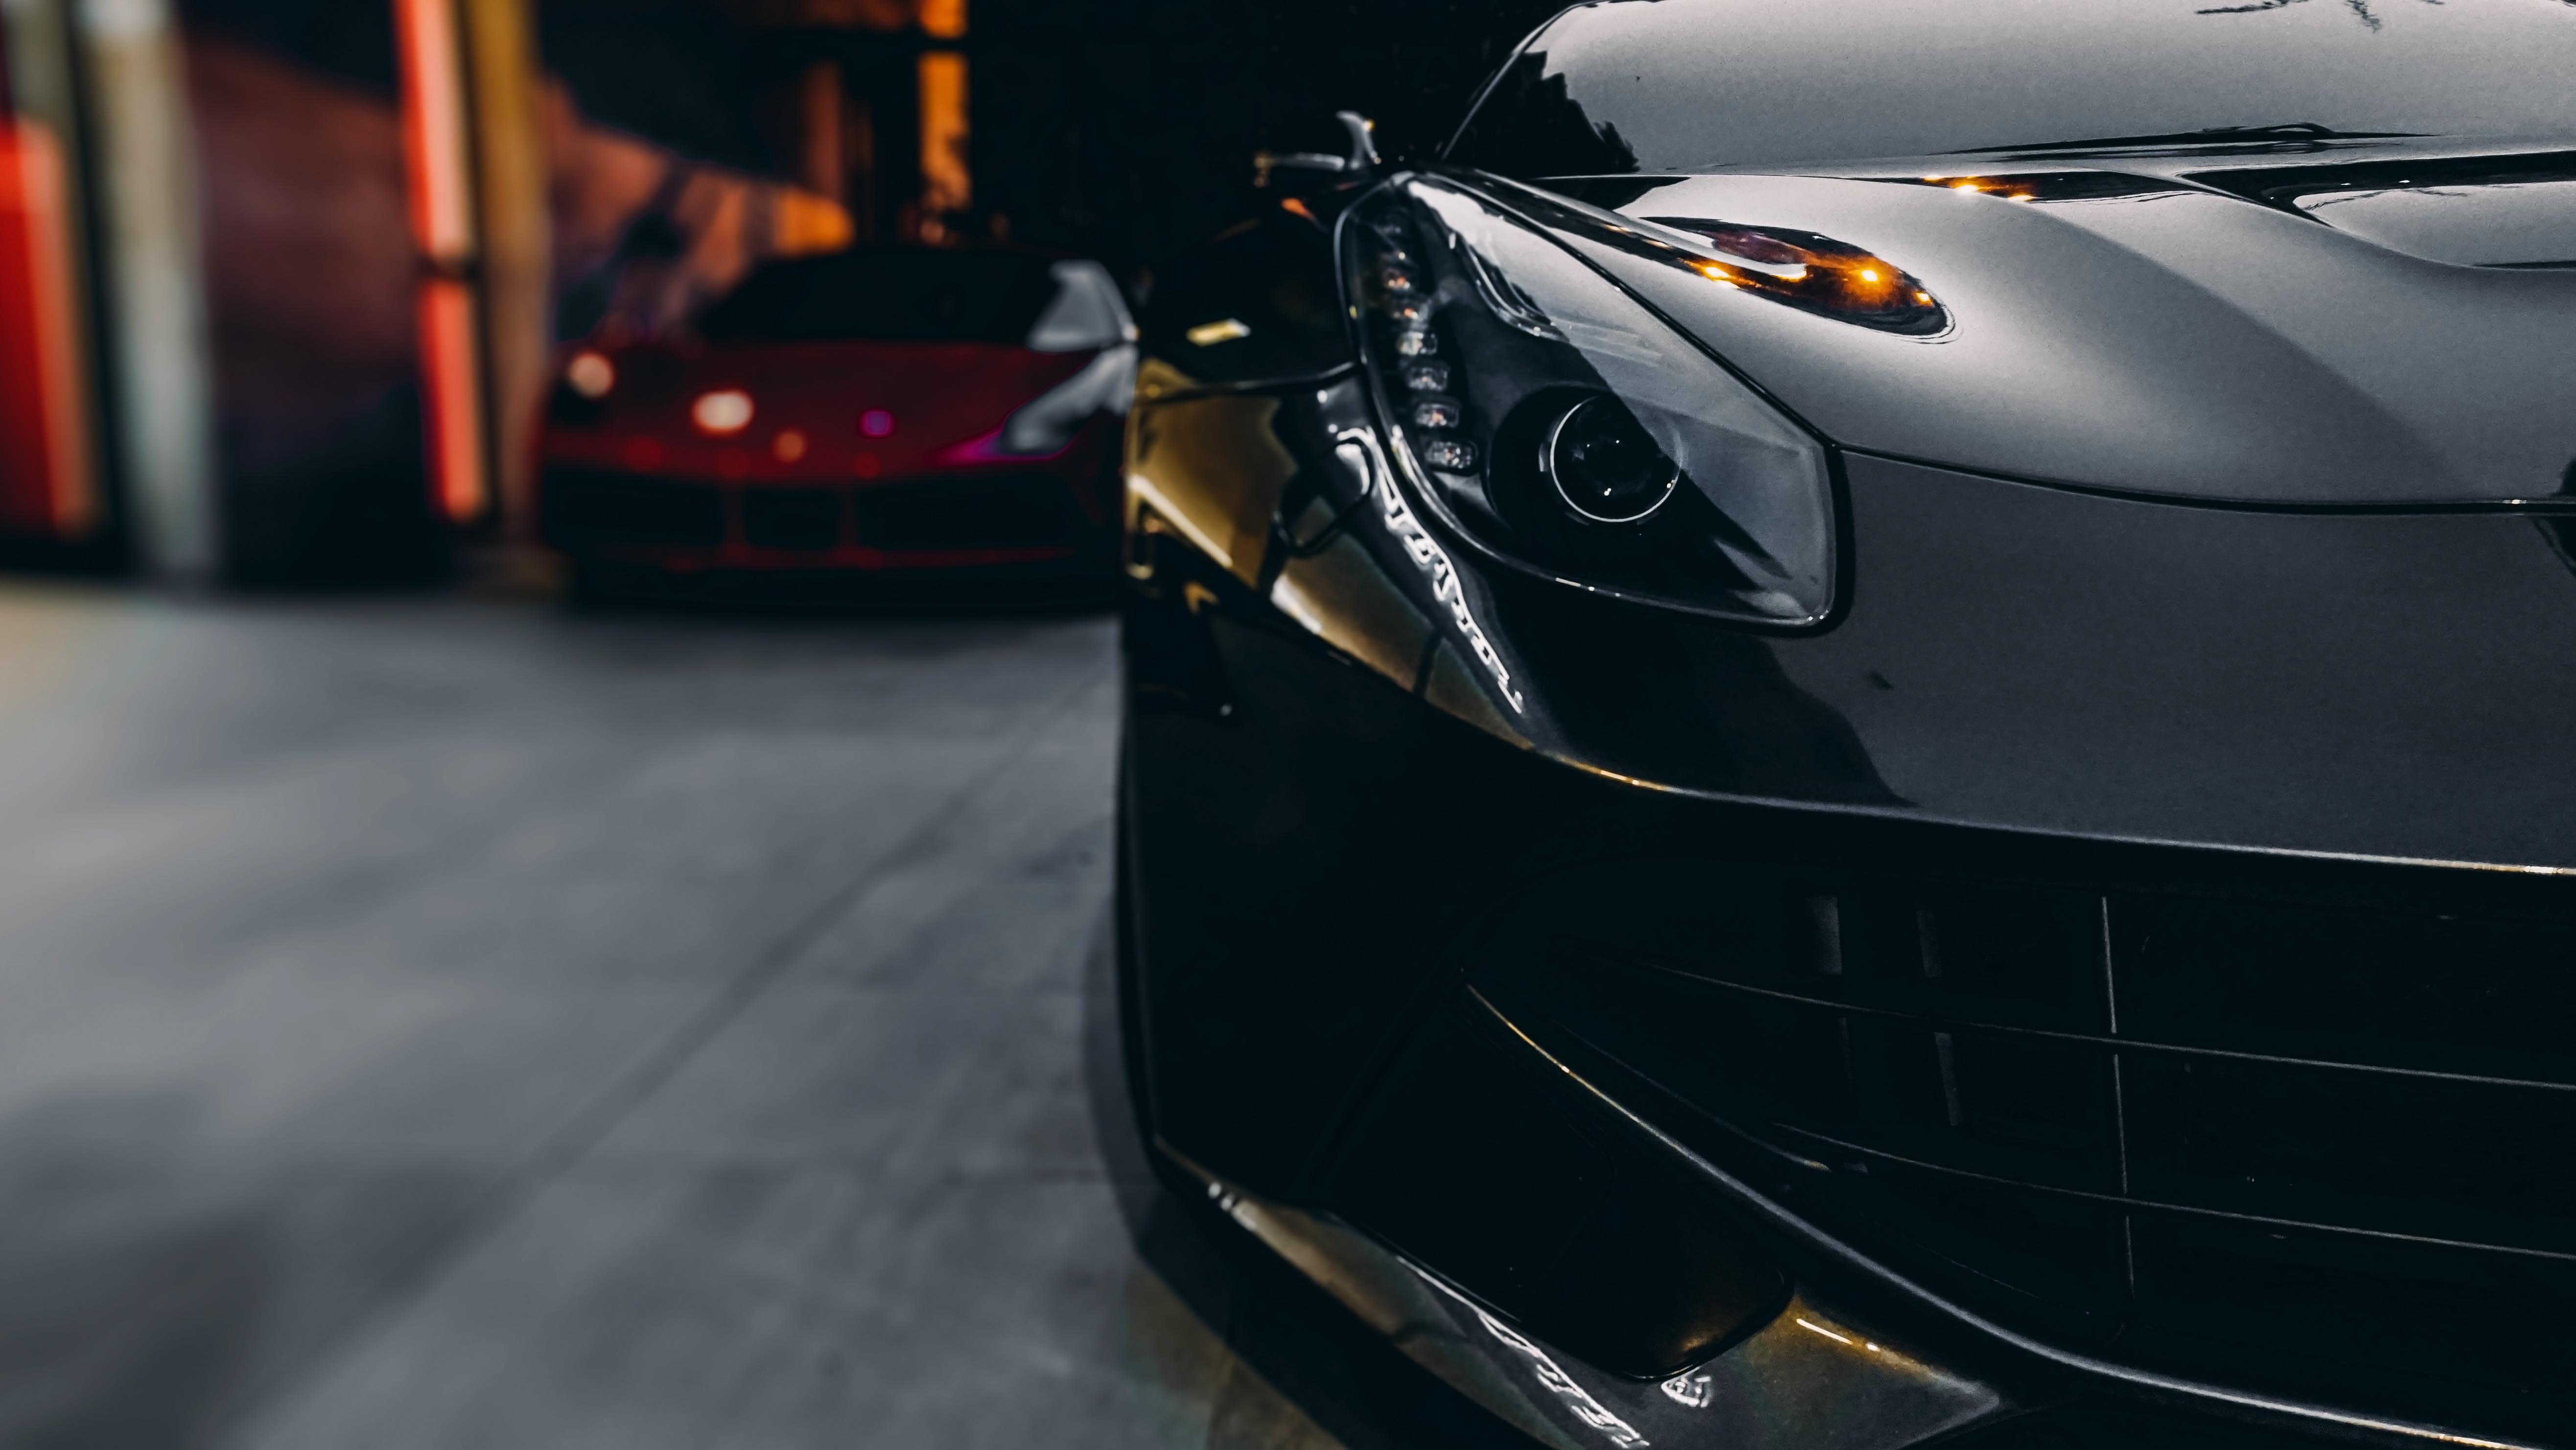 Ein Gebrauchtfahrzeug kaufen - Was Sie beachten sollten